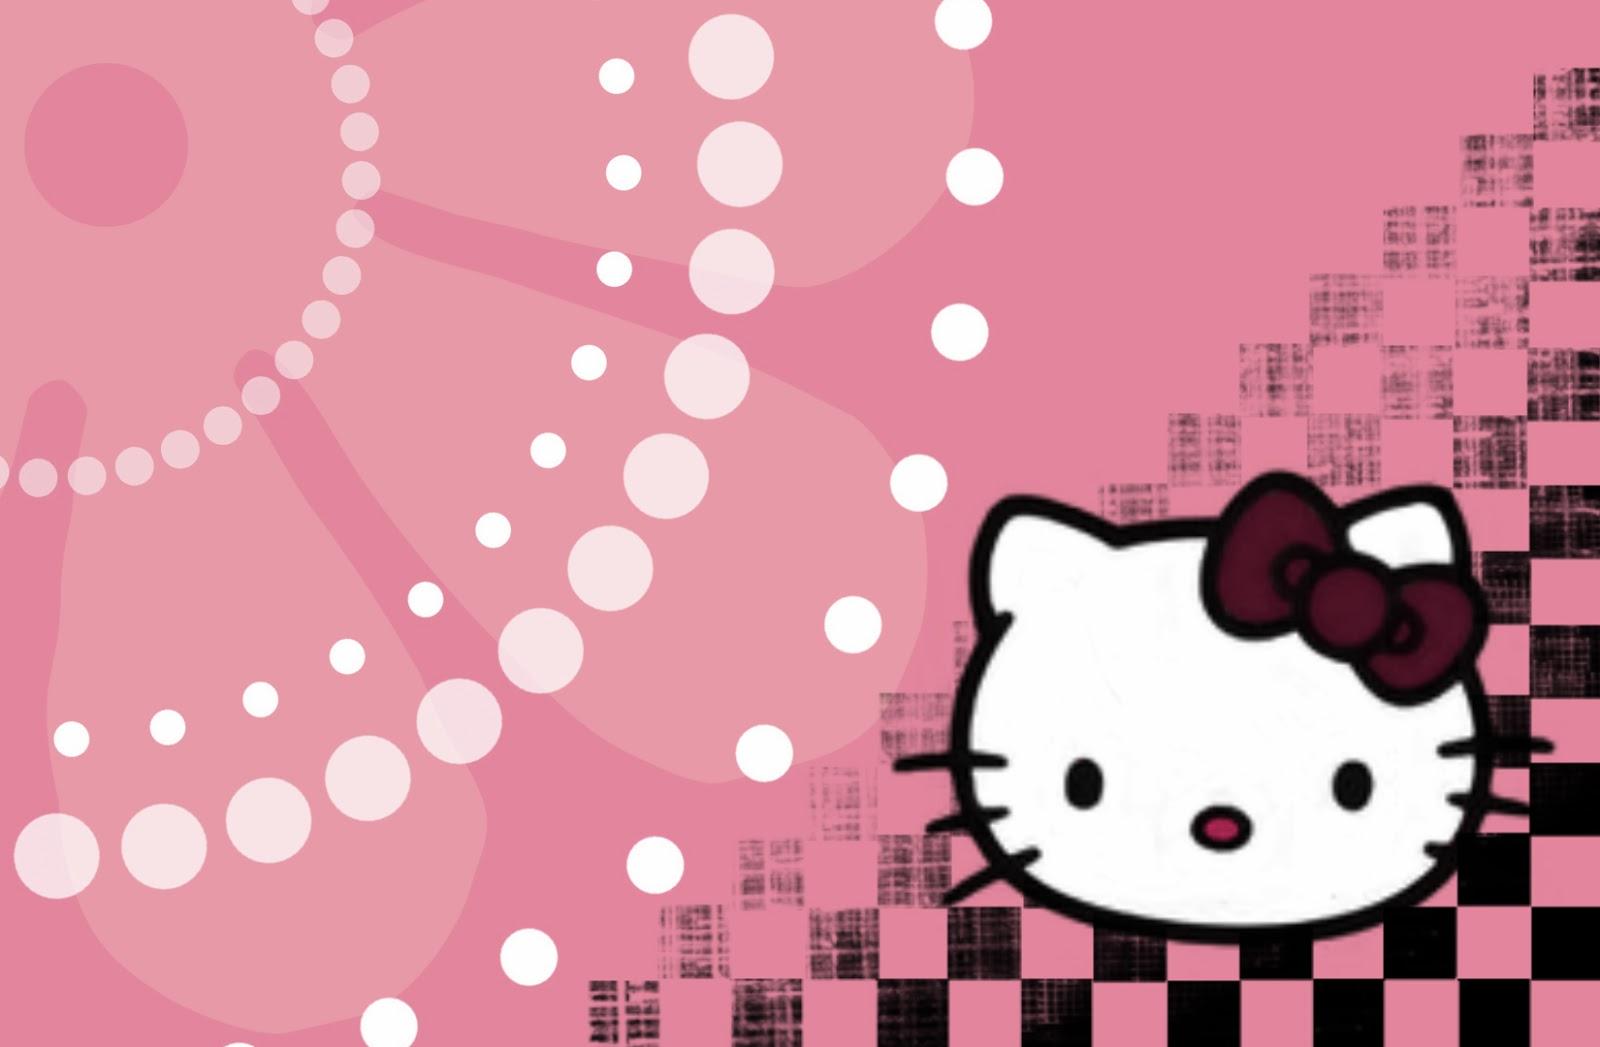 Hello kitty images part 4 - Hello kitty hello ...